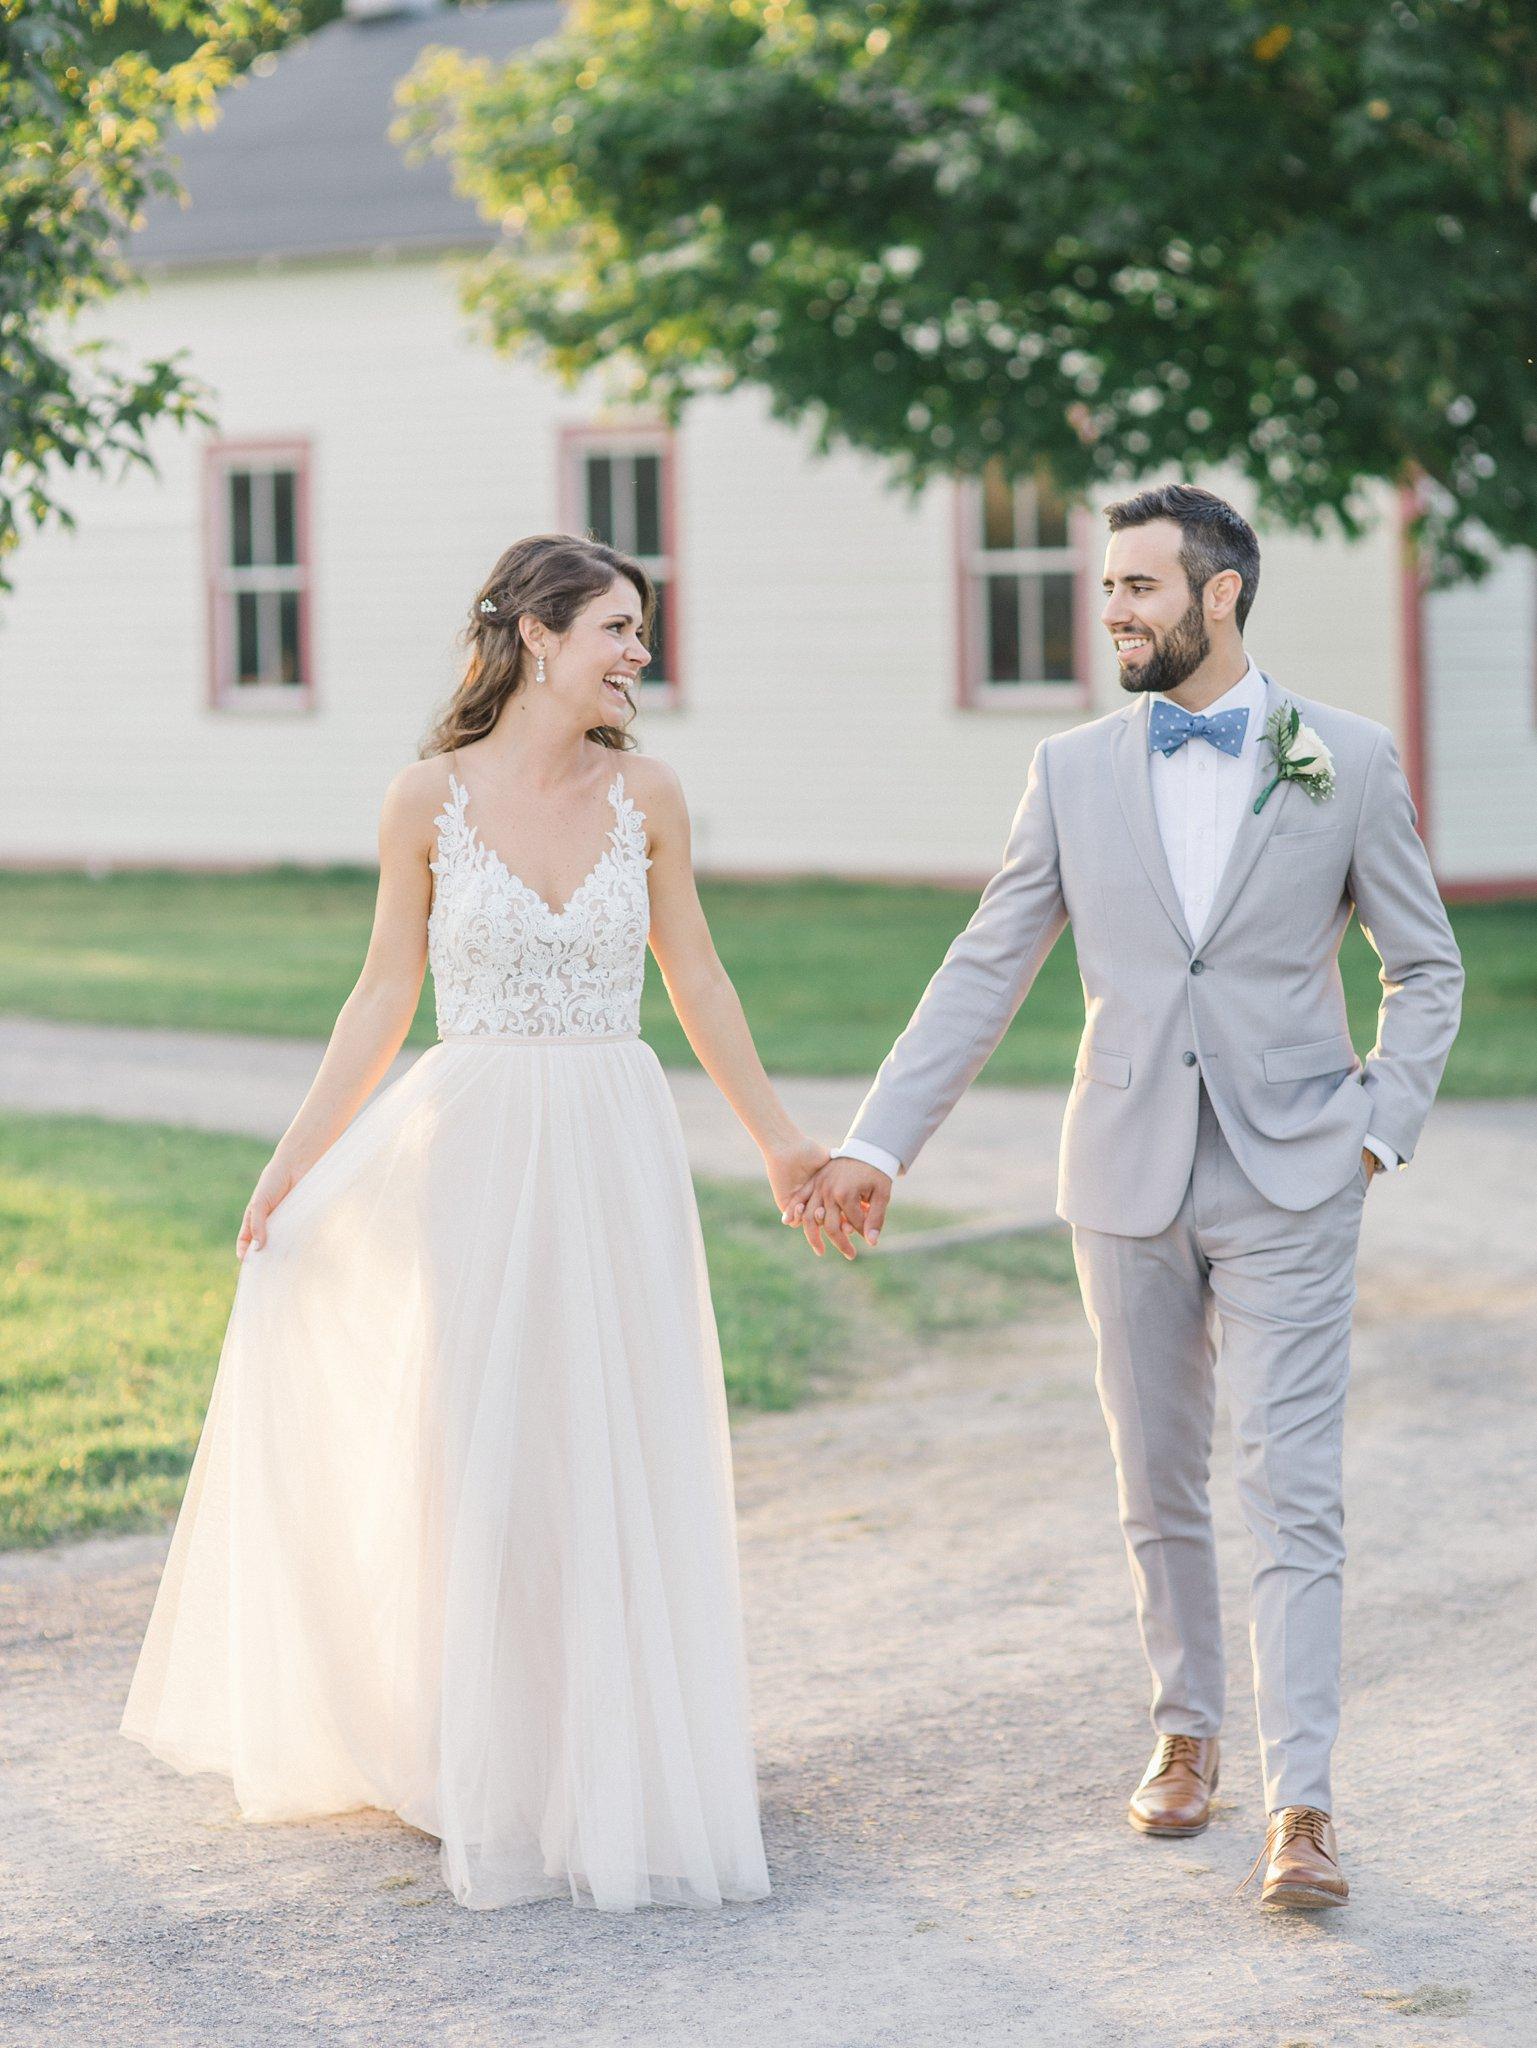 sunset photos Outdoor wedding at Cumberland Heritage Museum Amy Pinder Photography